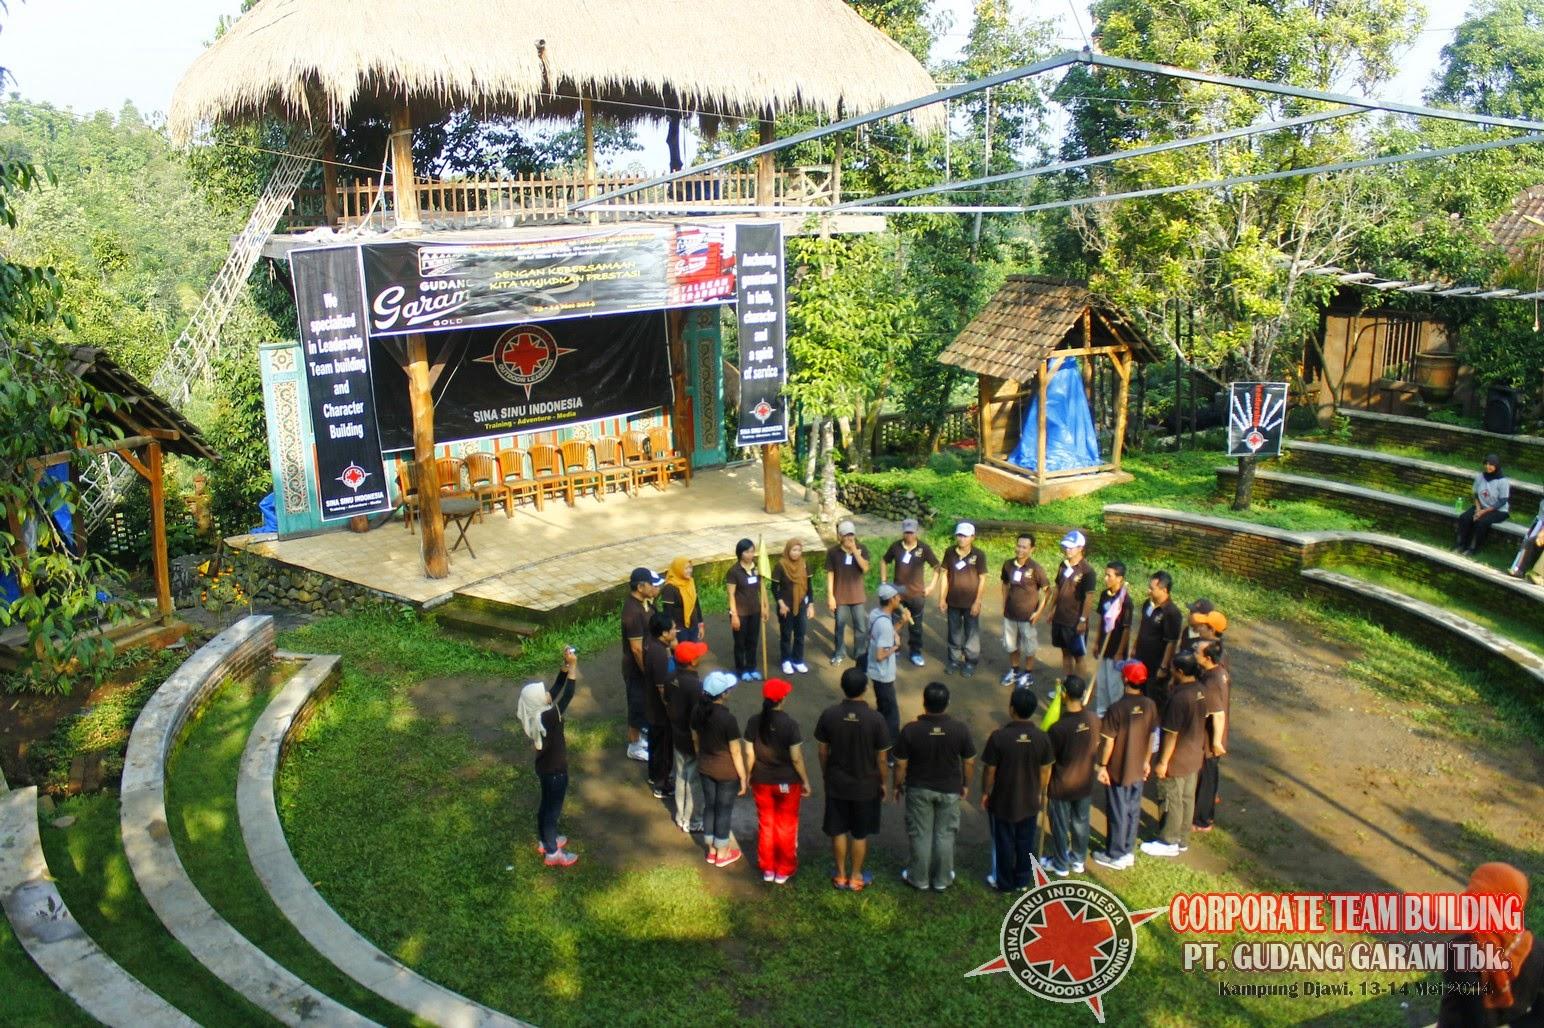 Villa Kampoeng Djawi Lokasi Dusun Gondang Desa Caranggwulung Kec Wonosalam